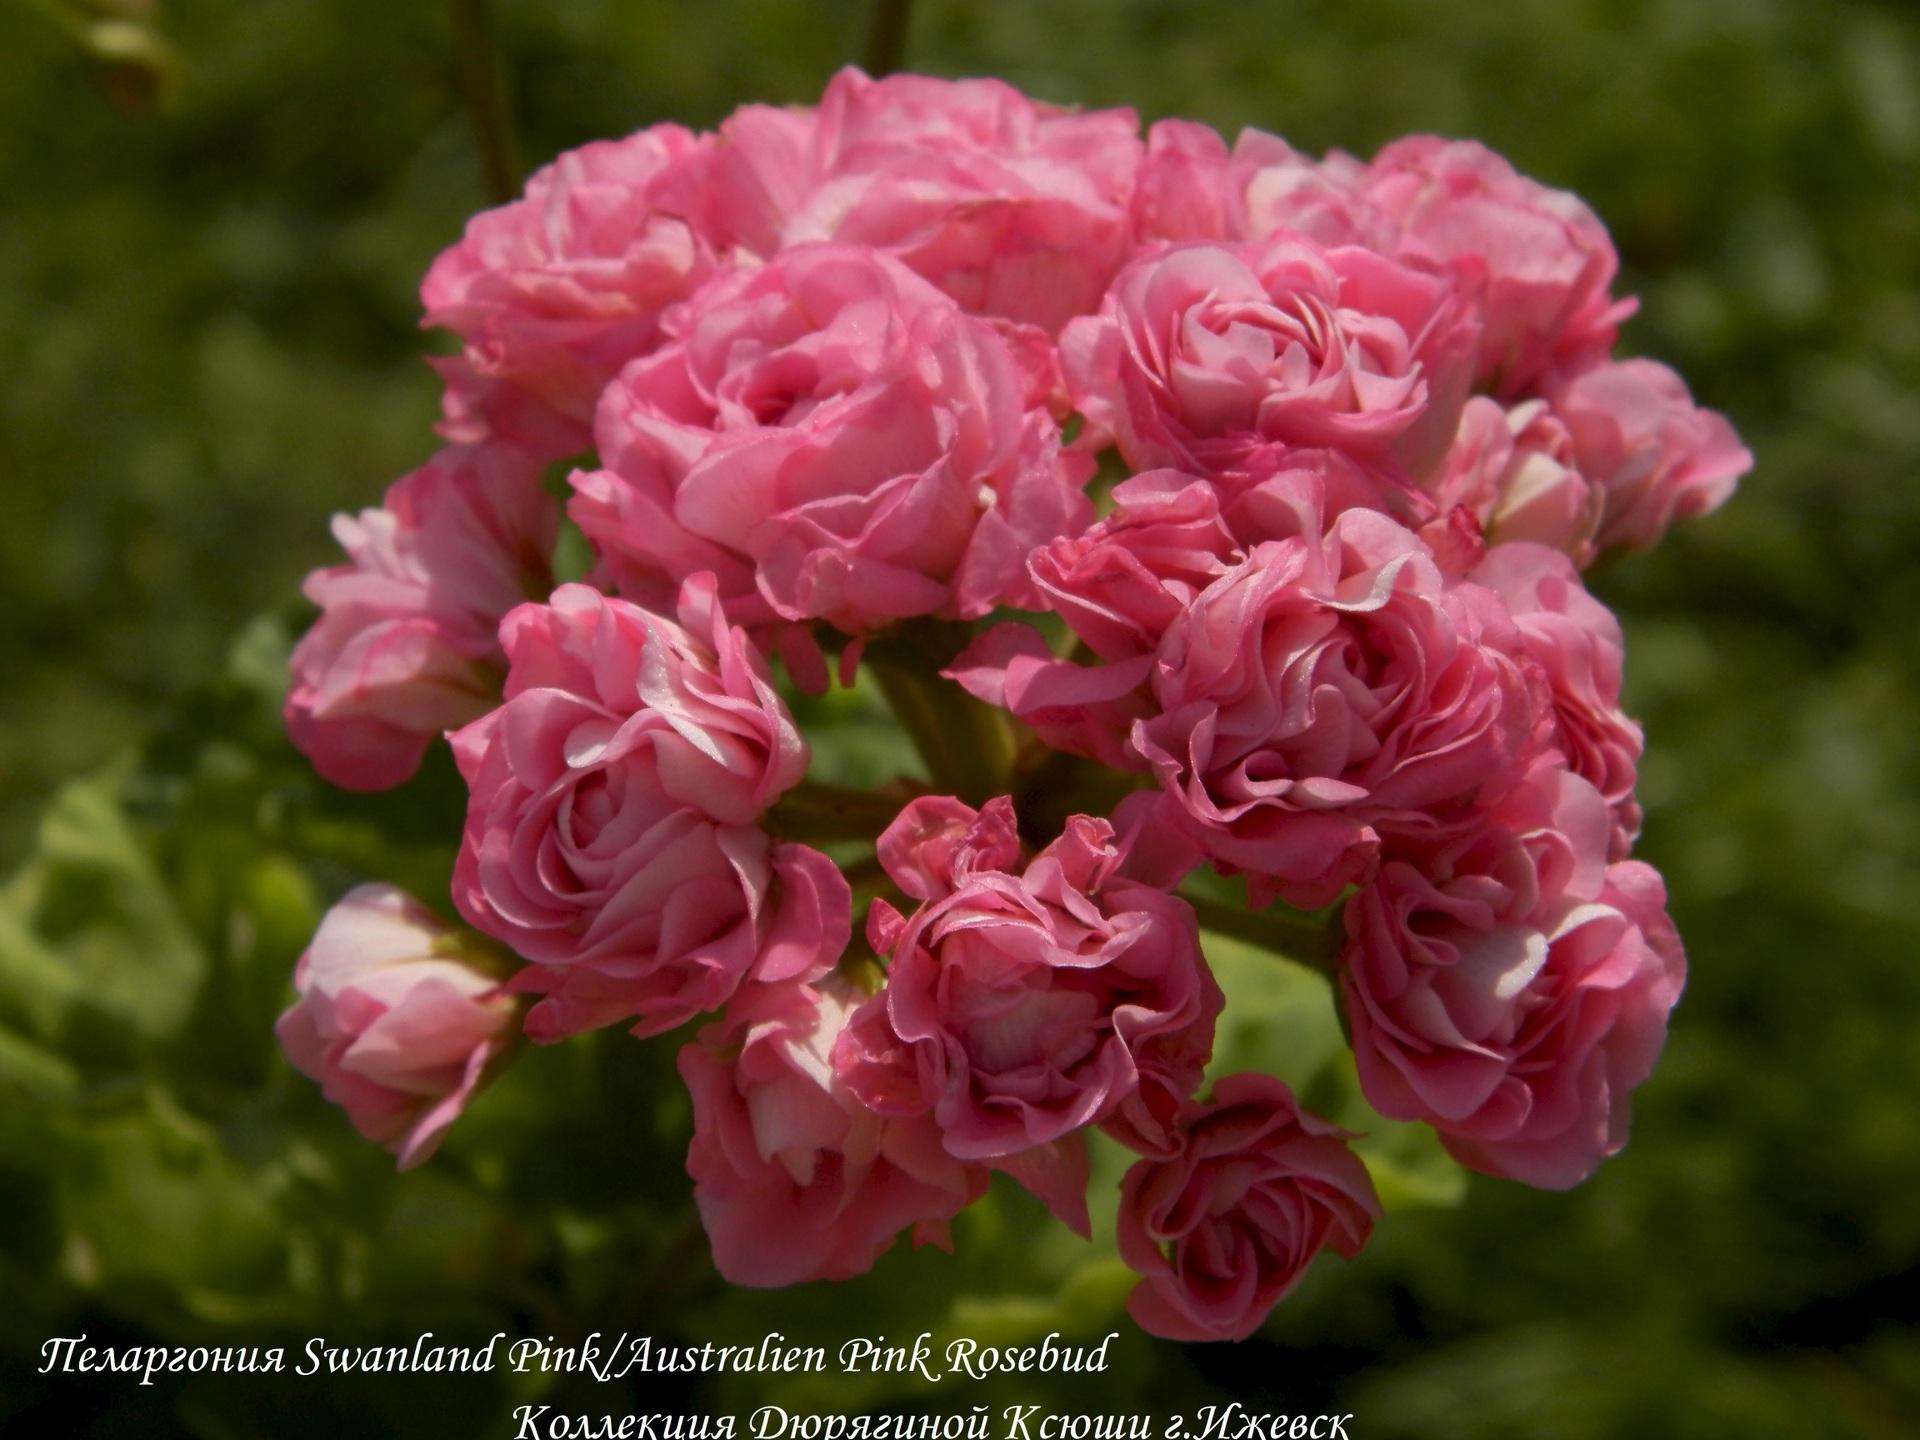 Австралиан пинк розебуд особенности выращивания 54